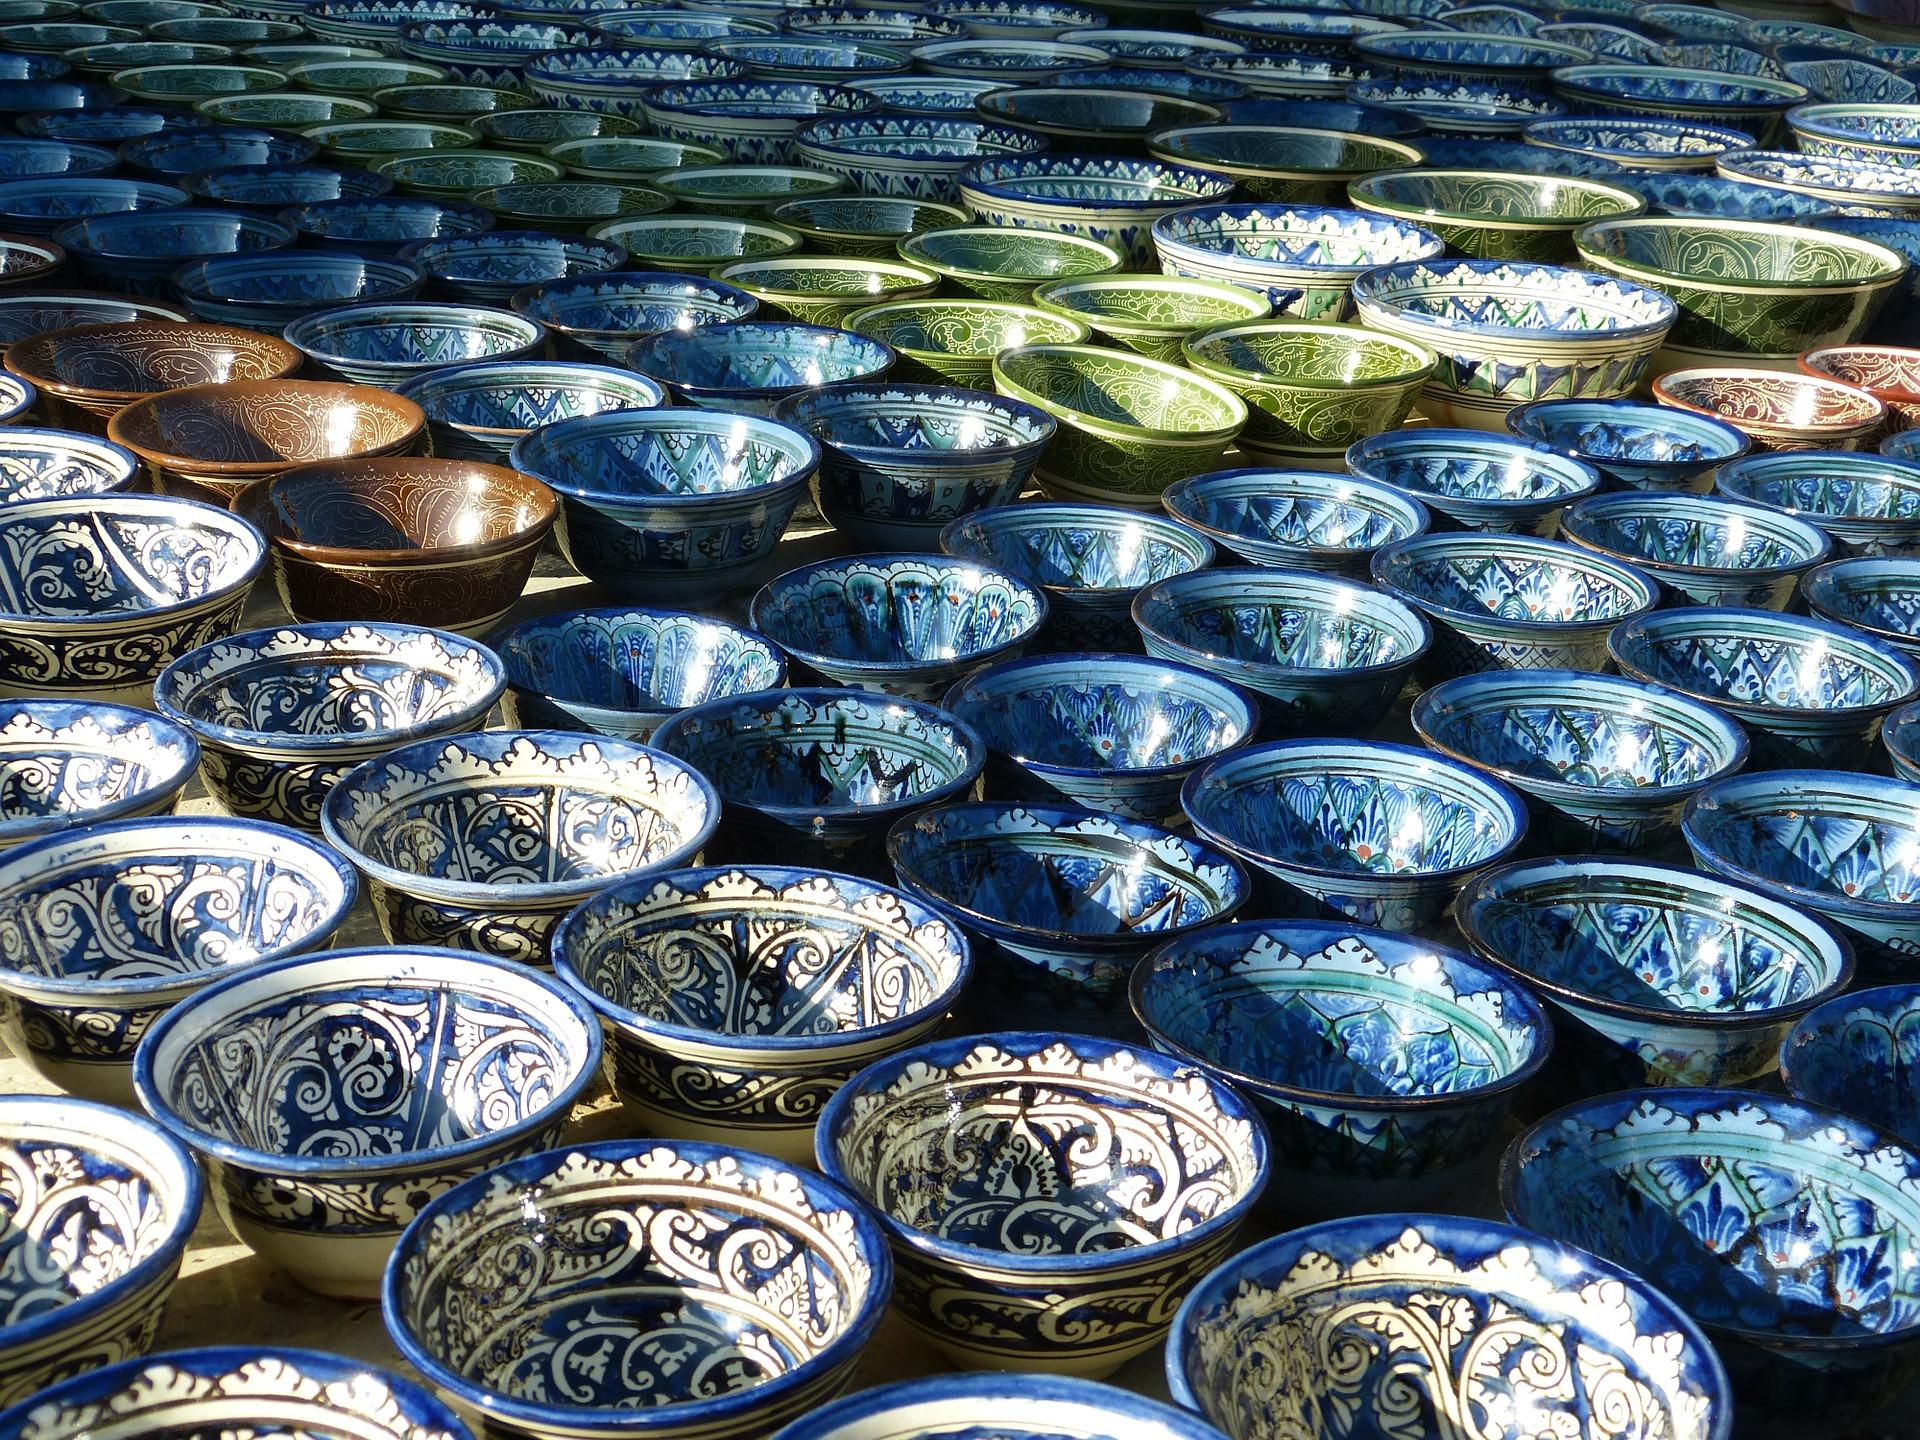 ceramic-198712_1920.jpg